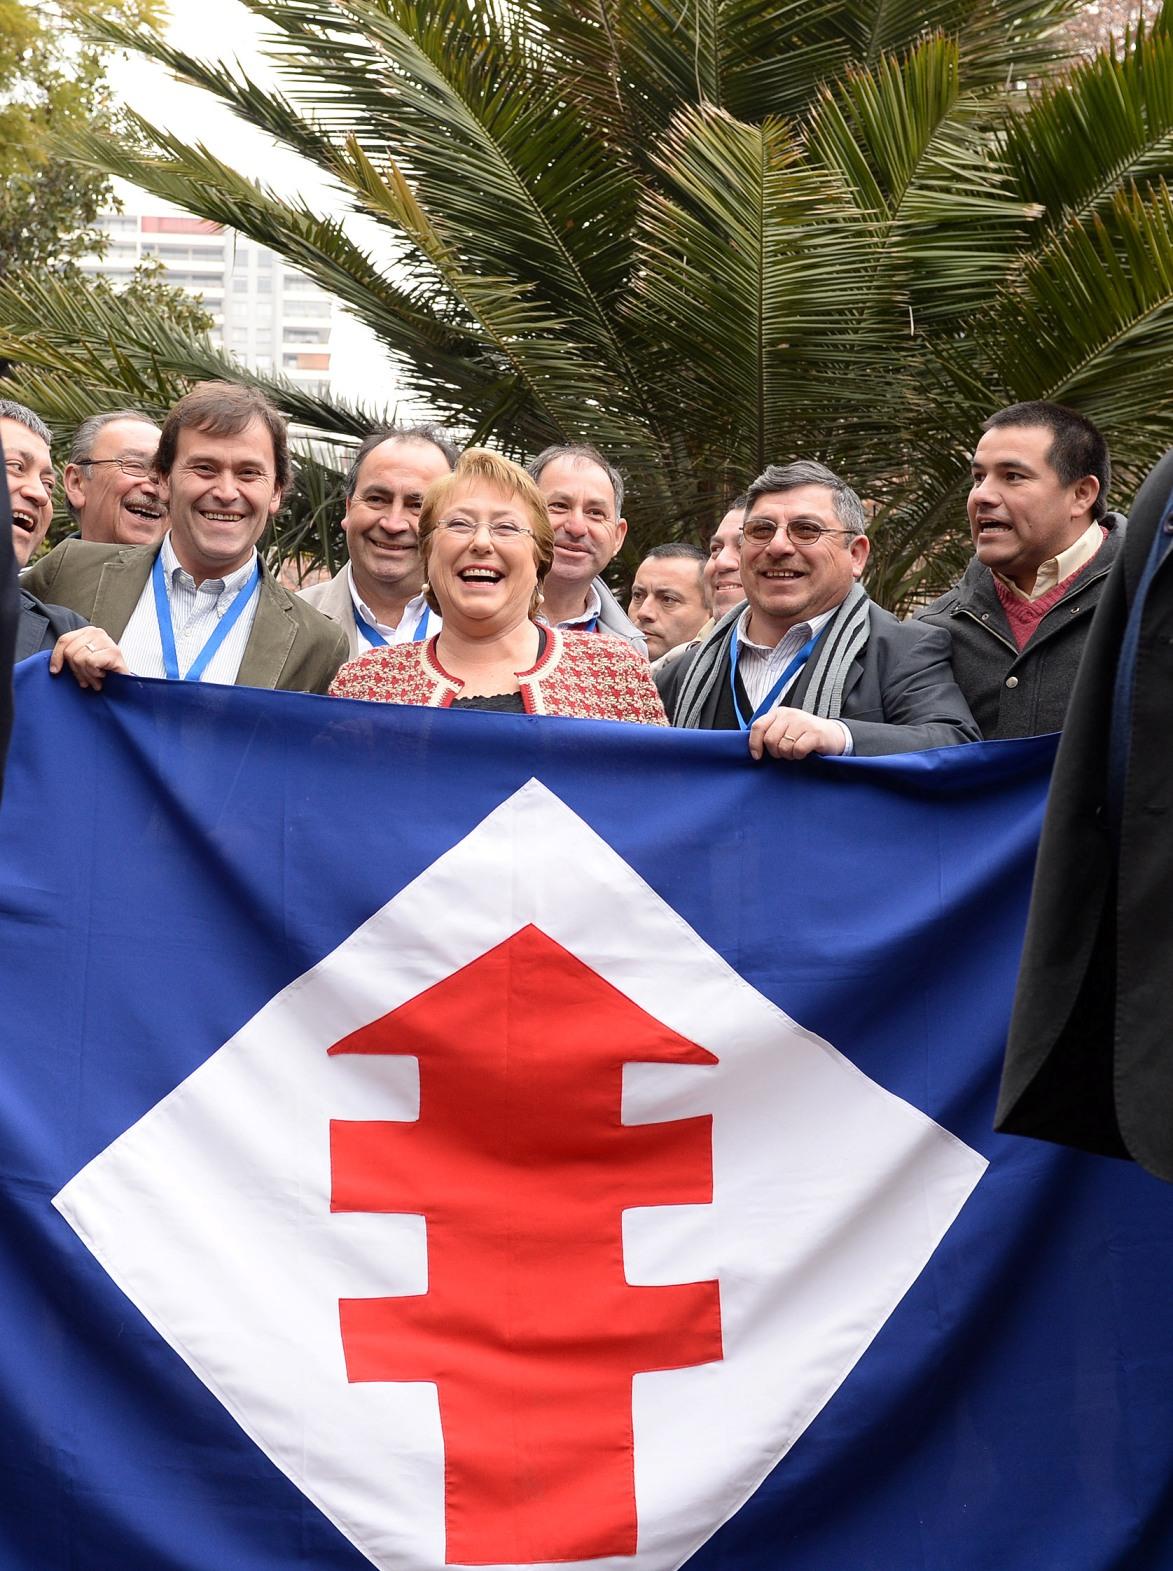 Presidenta-de-la-República-Michelle-Bachelet-asiste-a-Junta-Nacional-de-la-Democracia-Cristiana